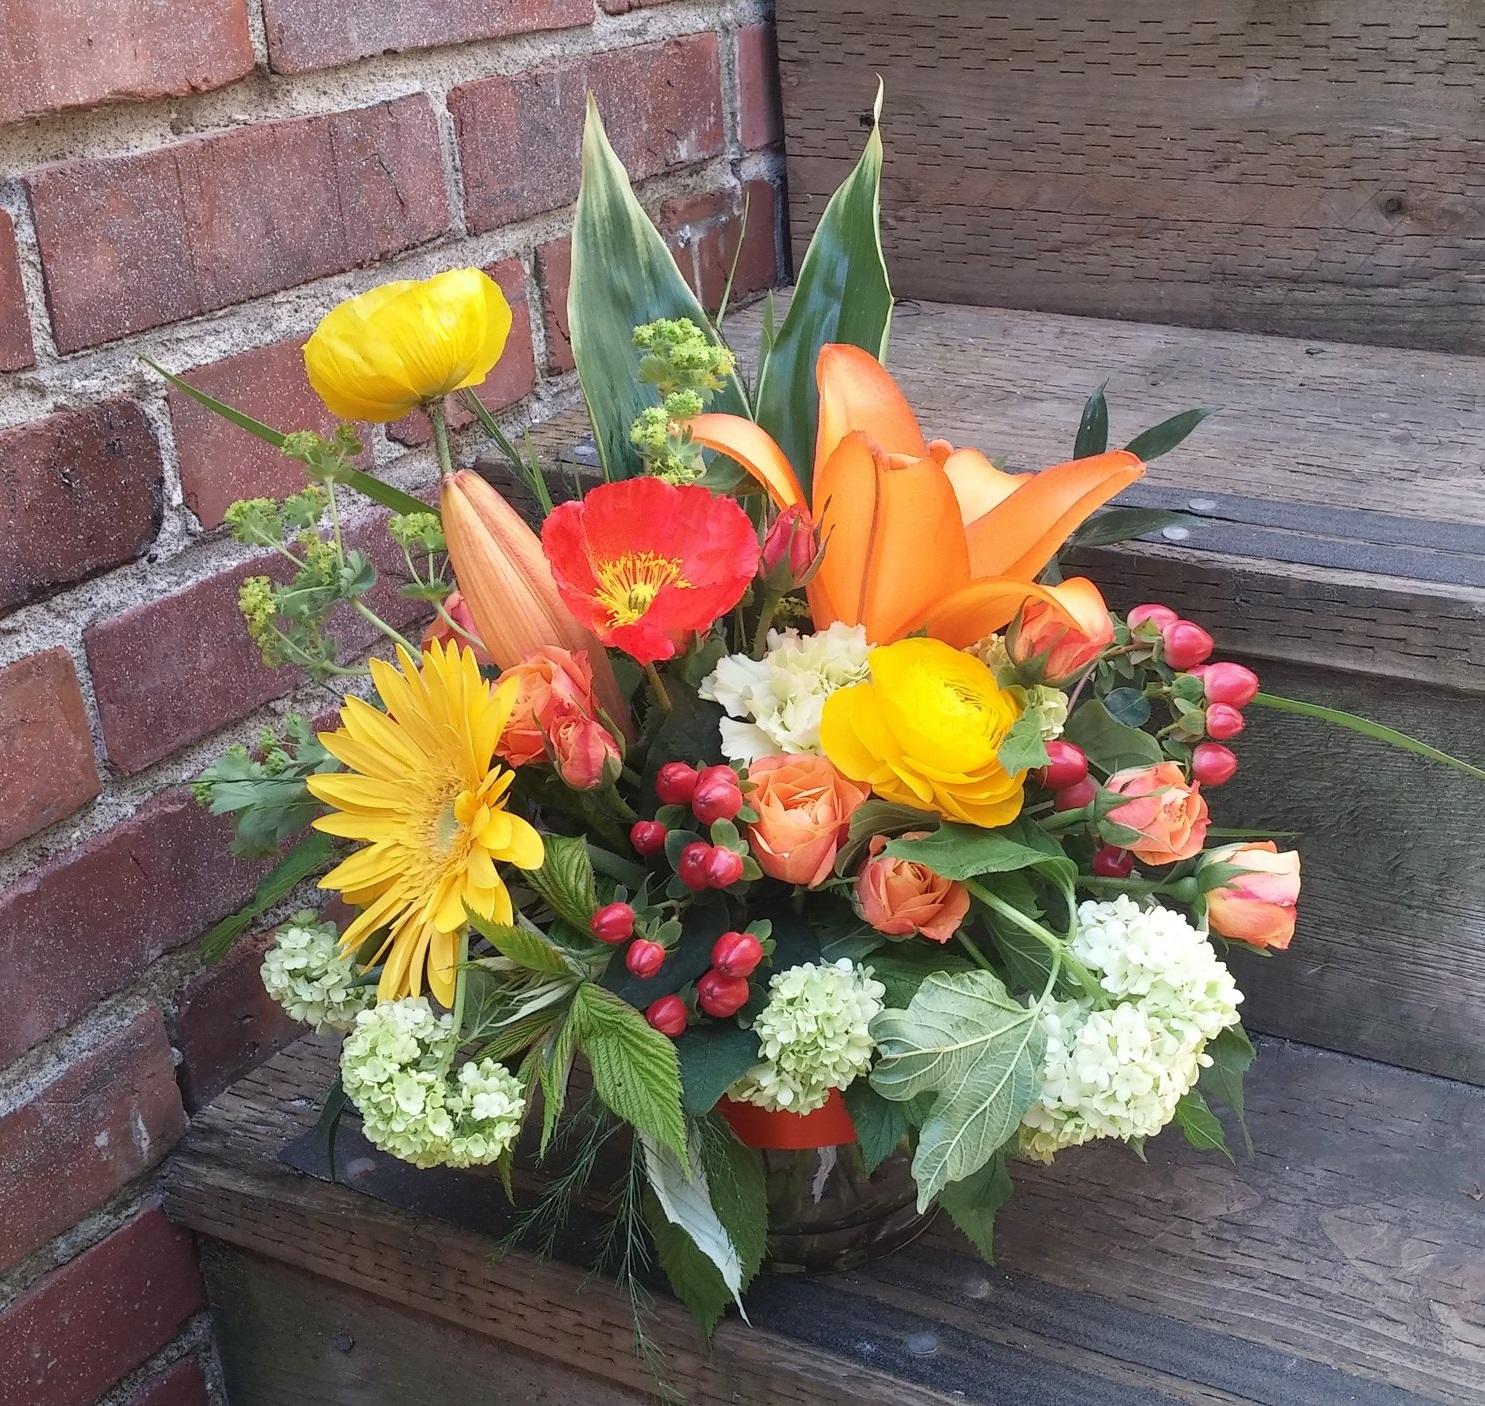 11. Warm evening sun bouquet with gerbera